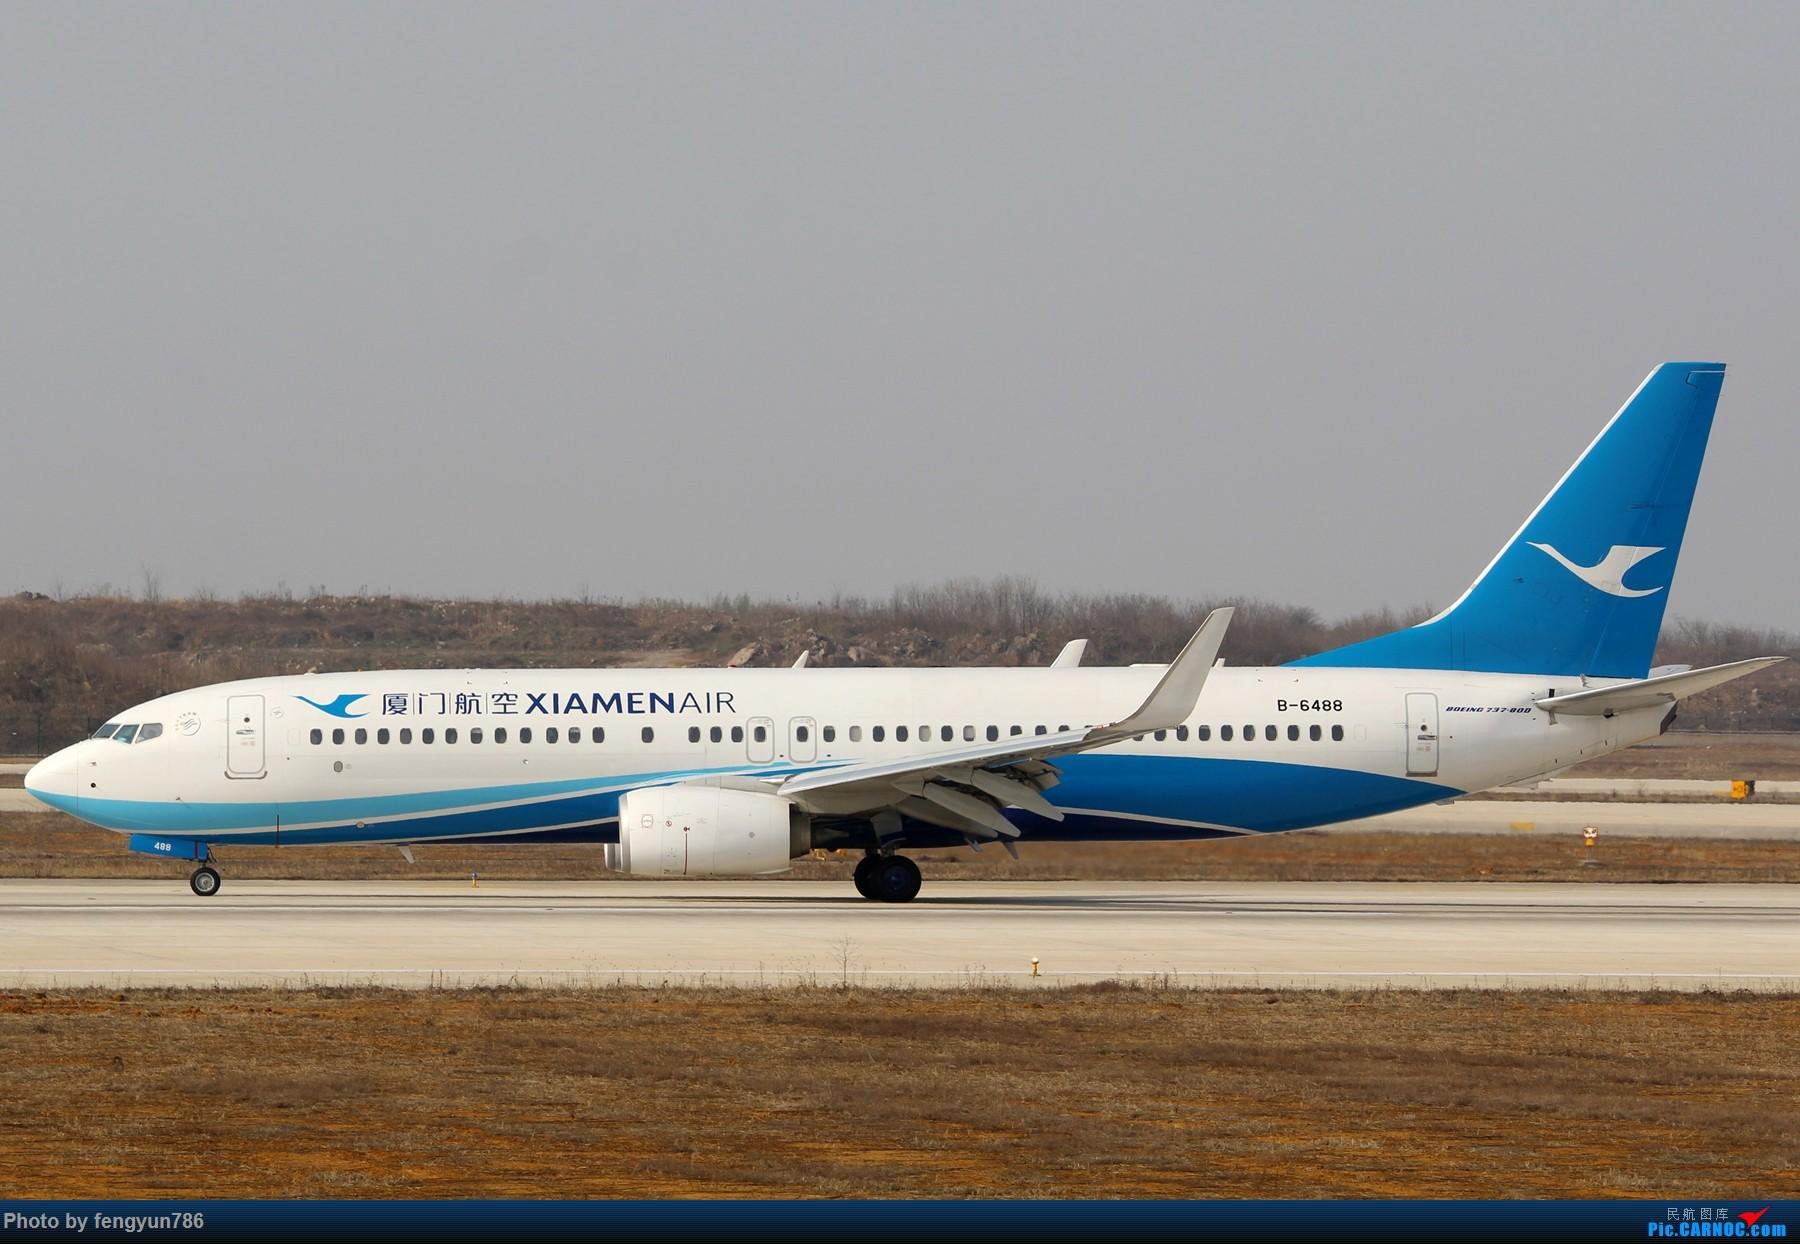 Re:[原创]NKG跑道边两小时,擦烟反推,星星邮戳都有了 BOEING 737-800 B-6488 中国南京禄口国际机场